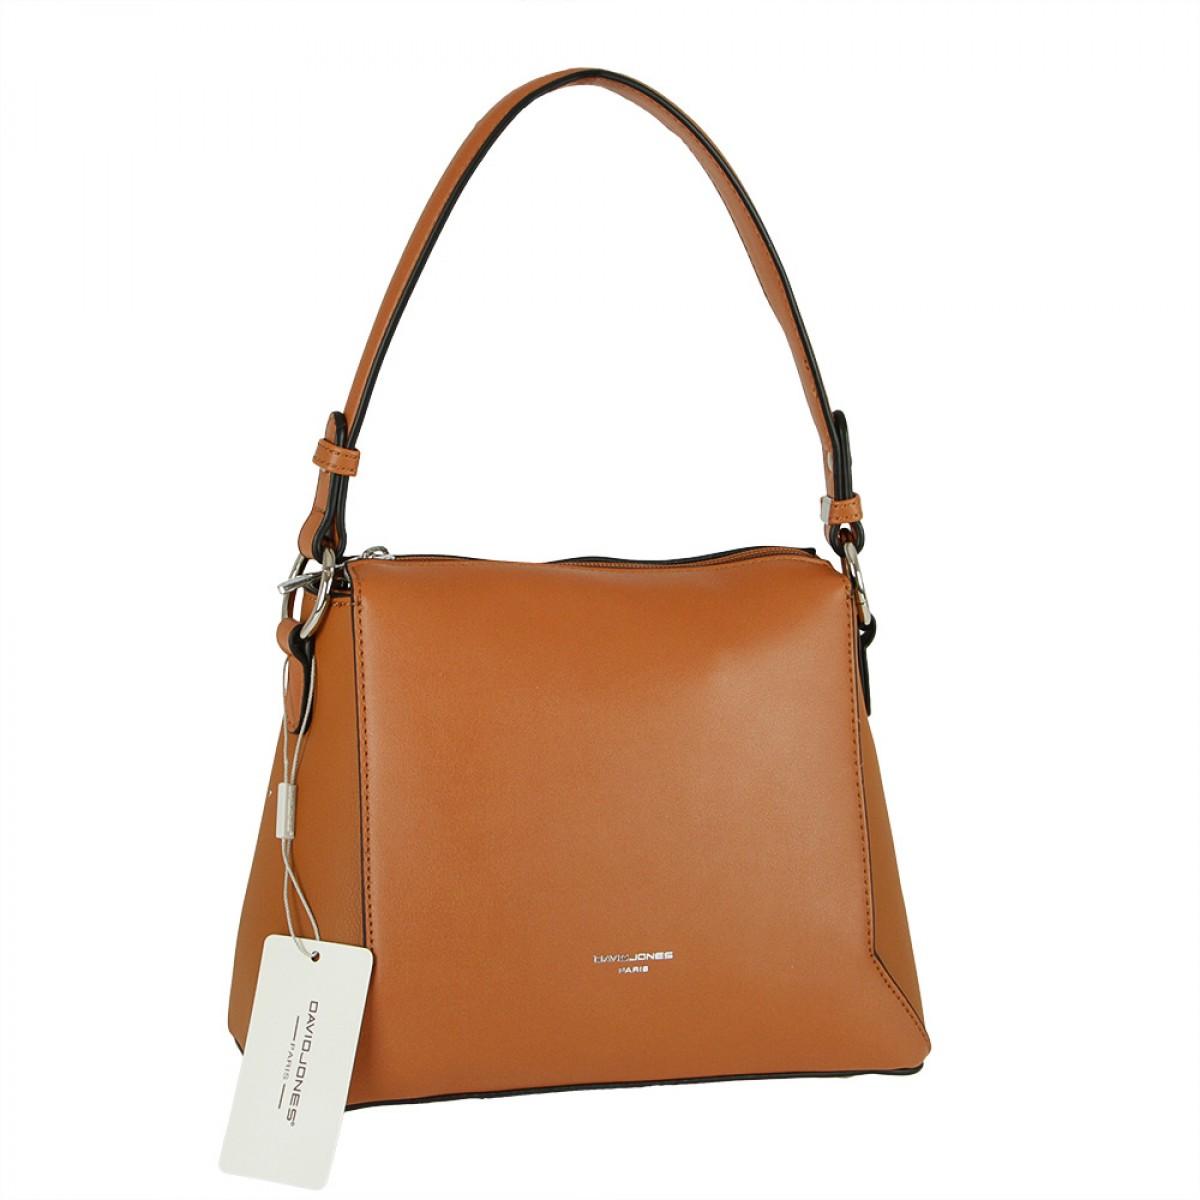 Жіноча сумка David Jones 6255-1 COGNAC